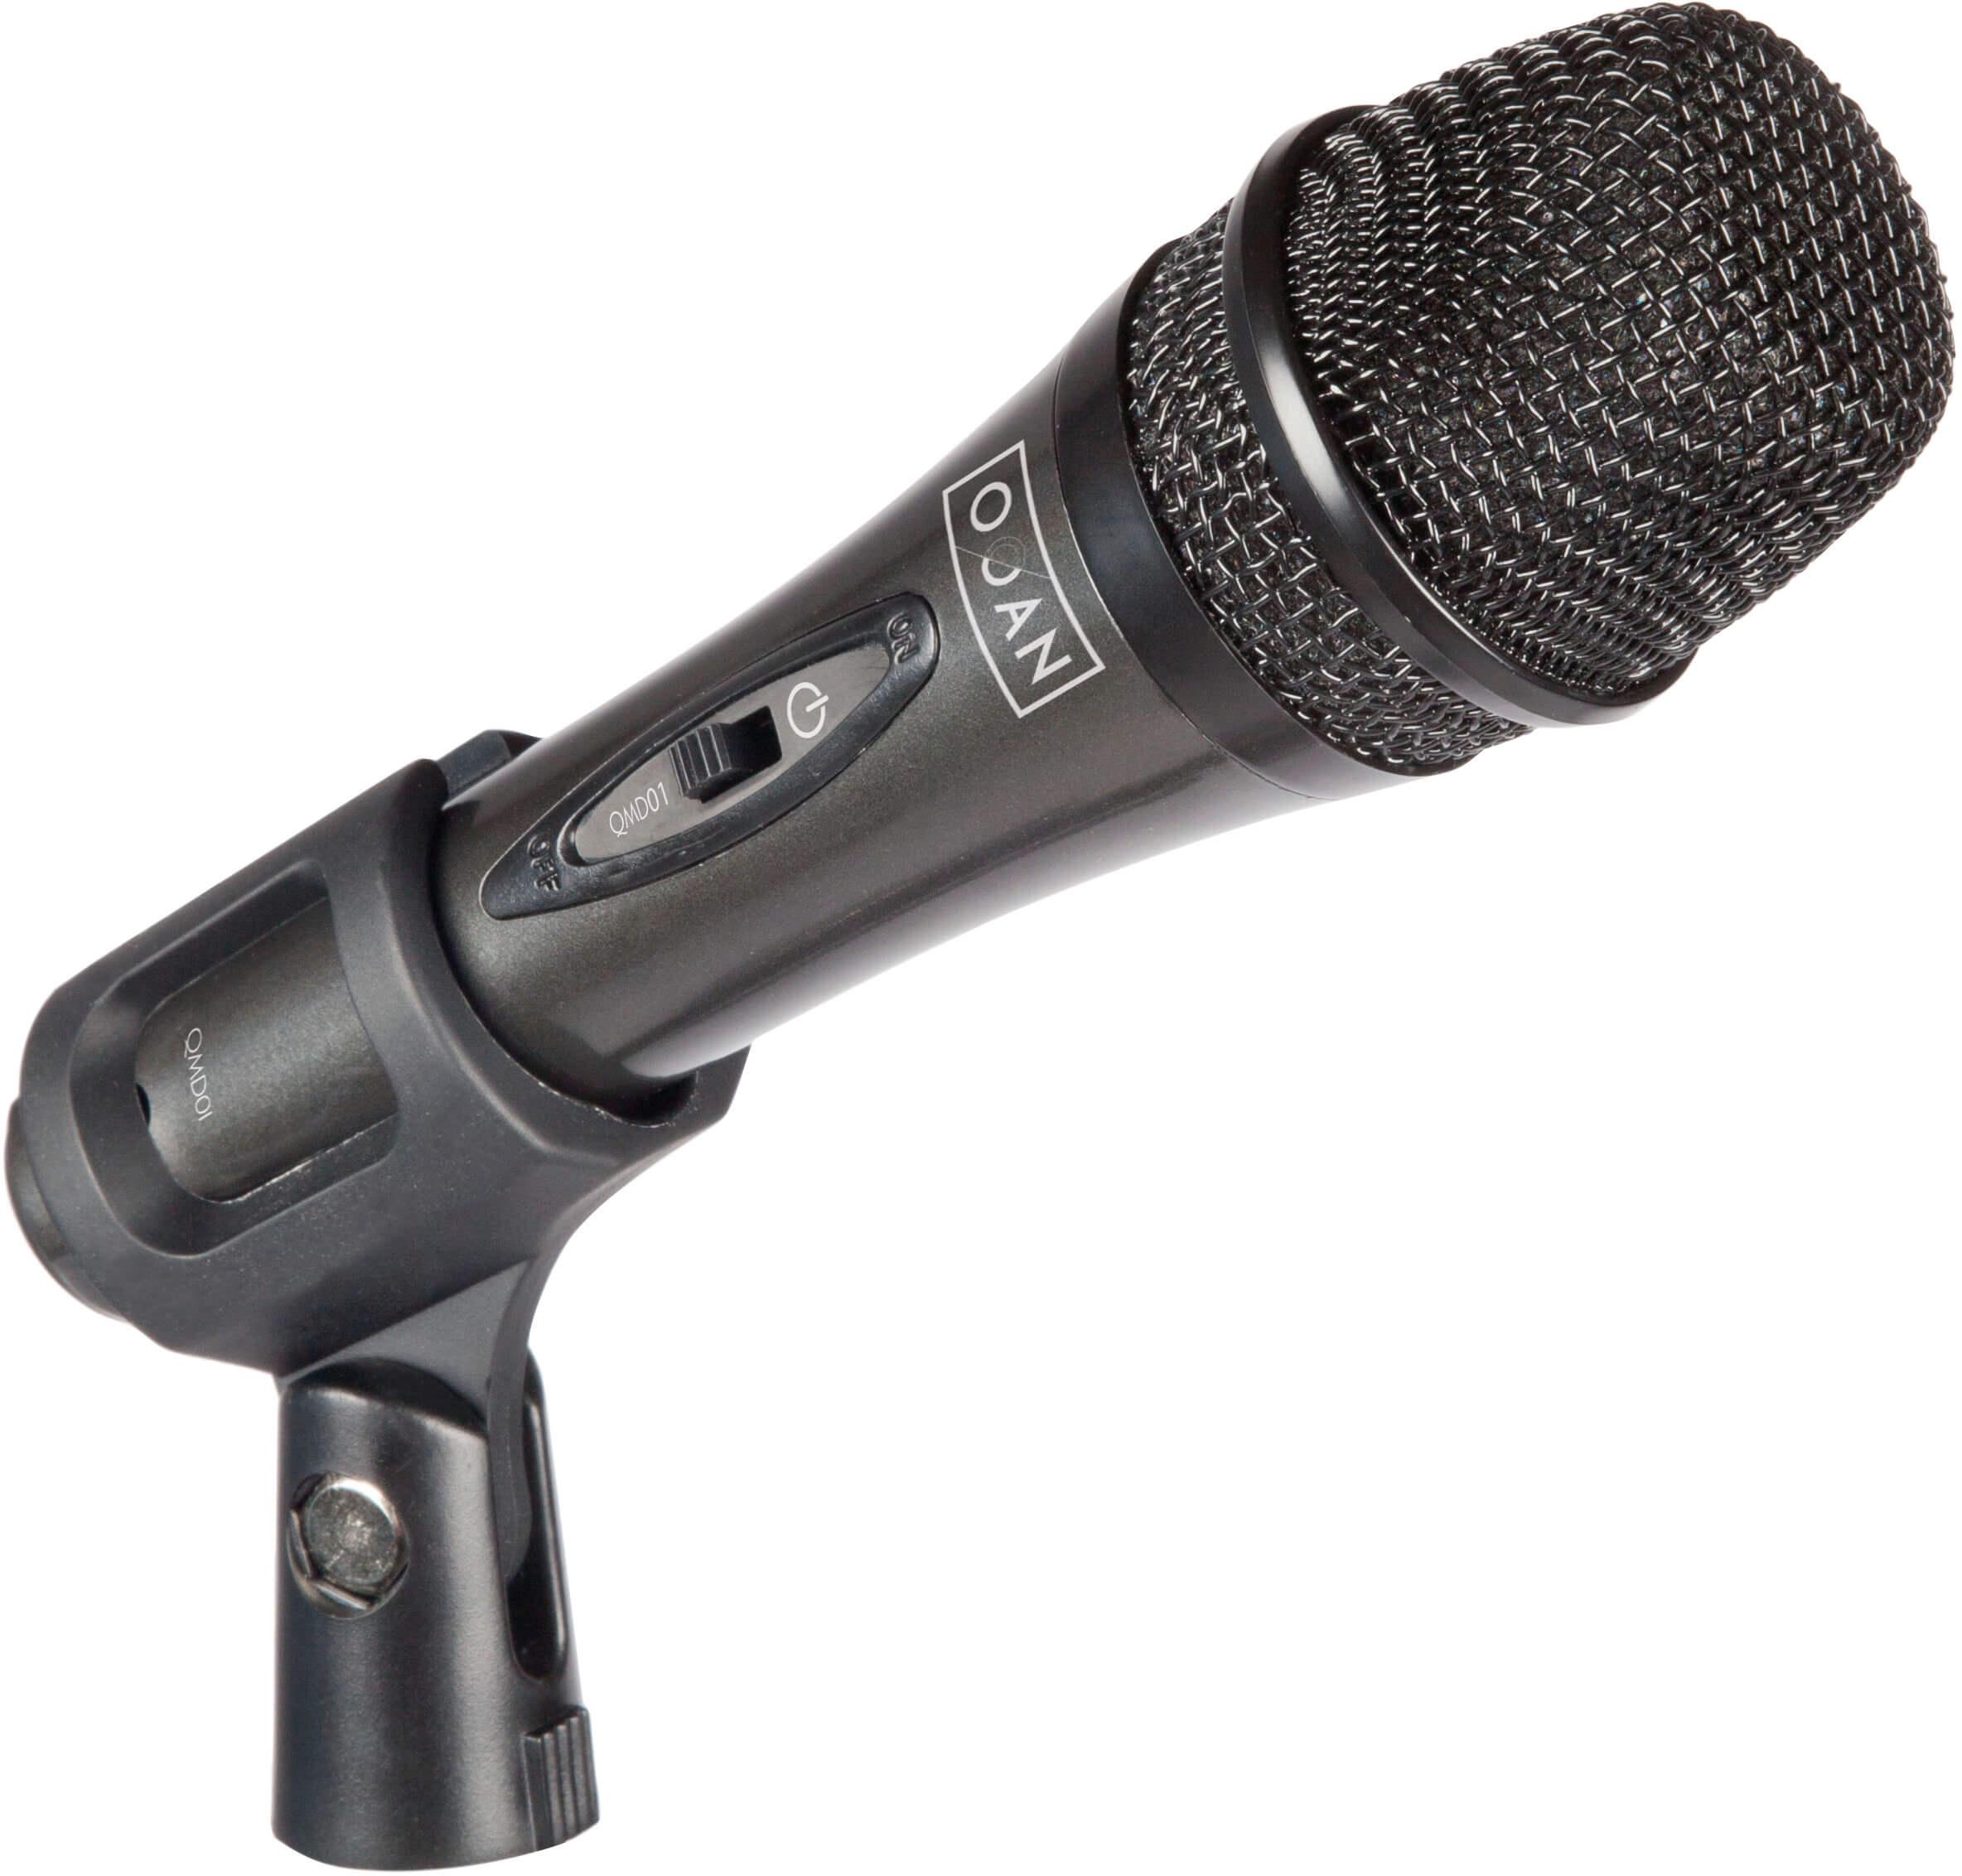 Micrófono Oqan Qmd01 Basiq